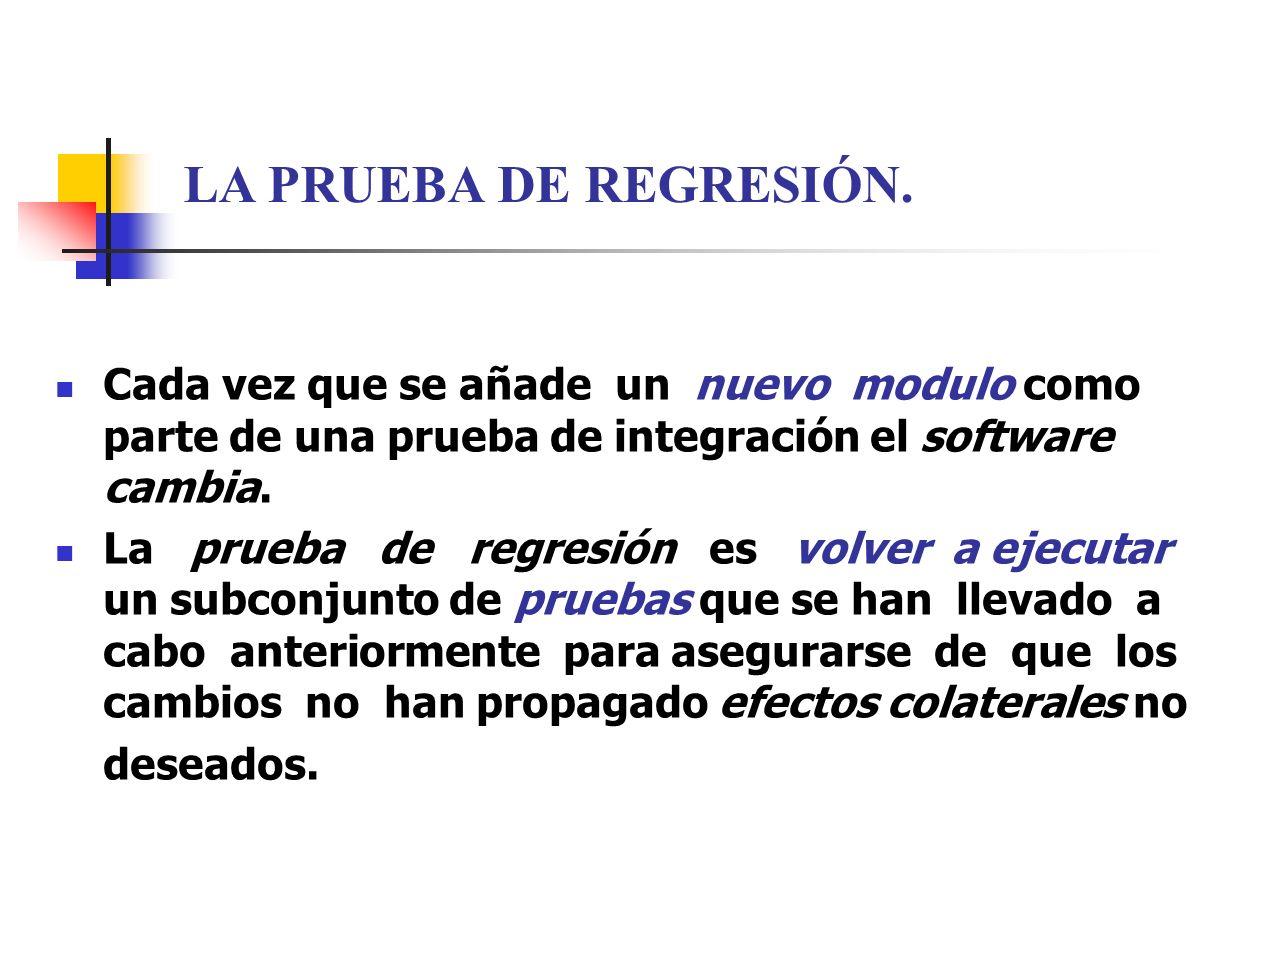 LA PRUEBA DE REGRESIÓN. Cada vez que se añade un nuevo modulo como parte de una prueba de integración el software cambia.